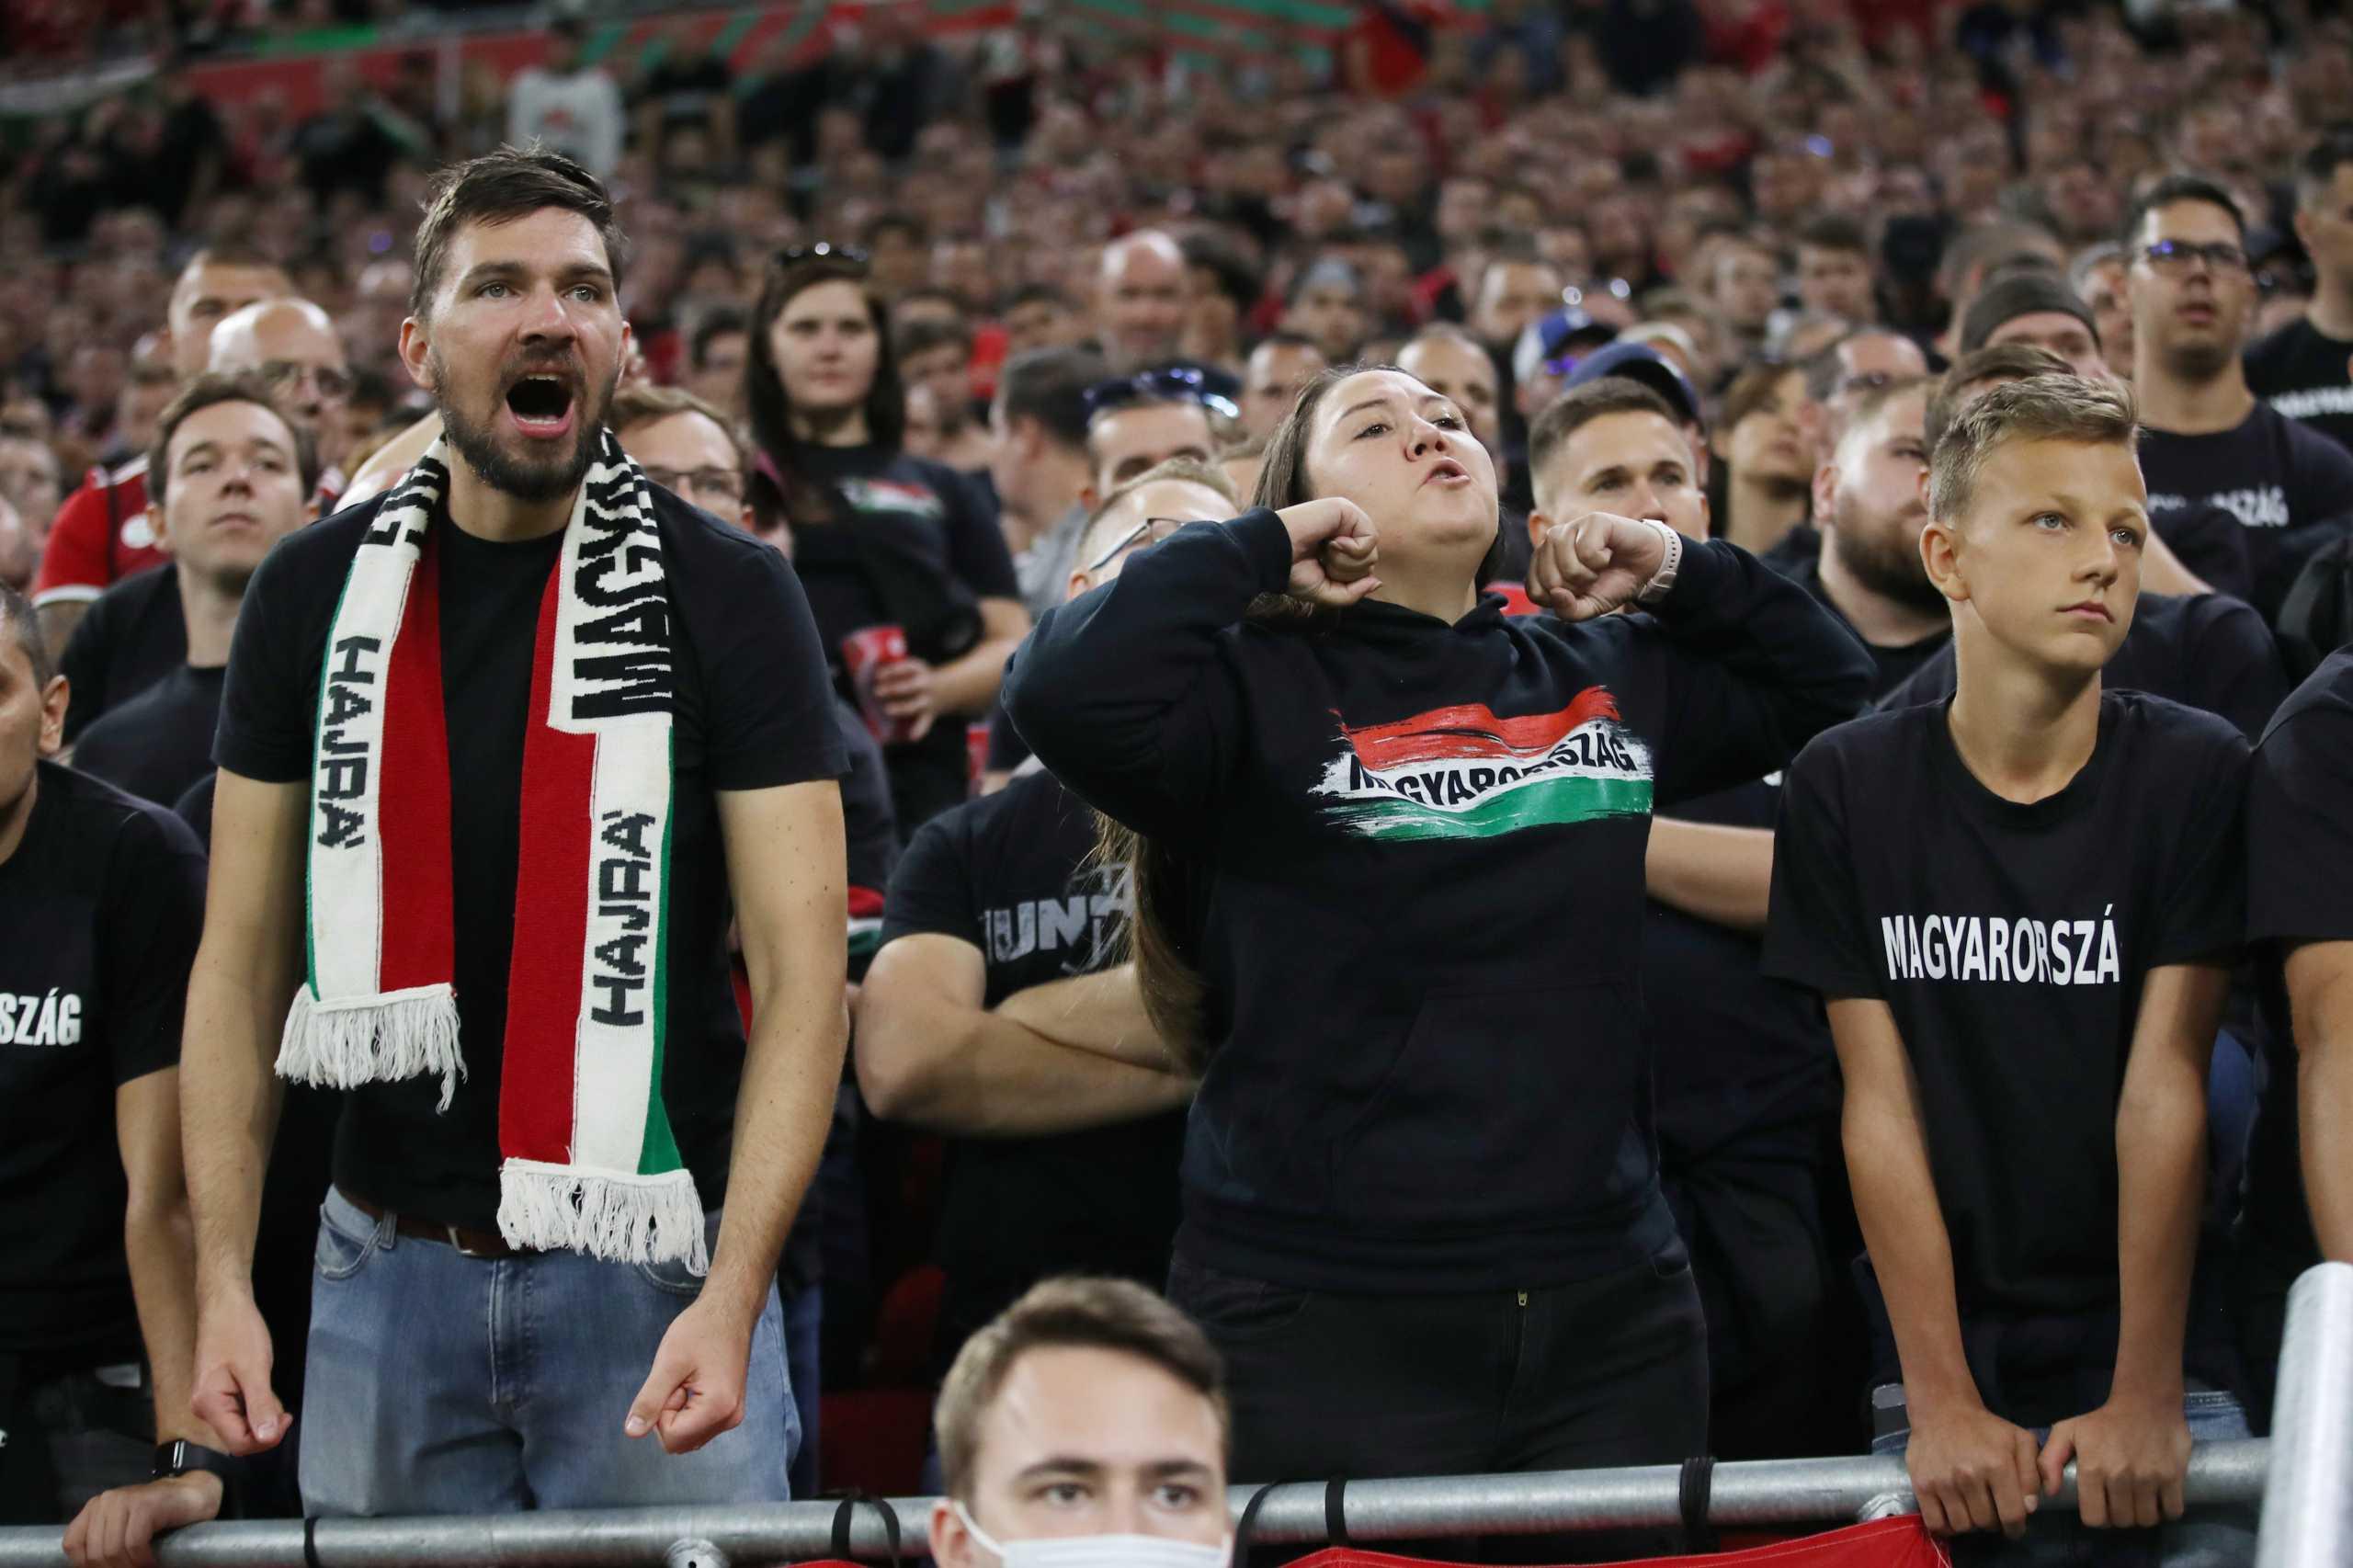 Ουγγαρία – Αγγλία: Παρέμβαση της FIFA ζητά ο Μπόρις Τζόνσον για την ρατσιστική συμπεριφορά των Μαγυάρων